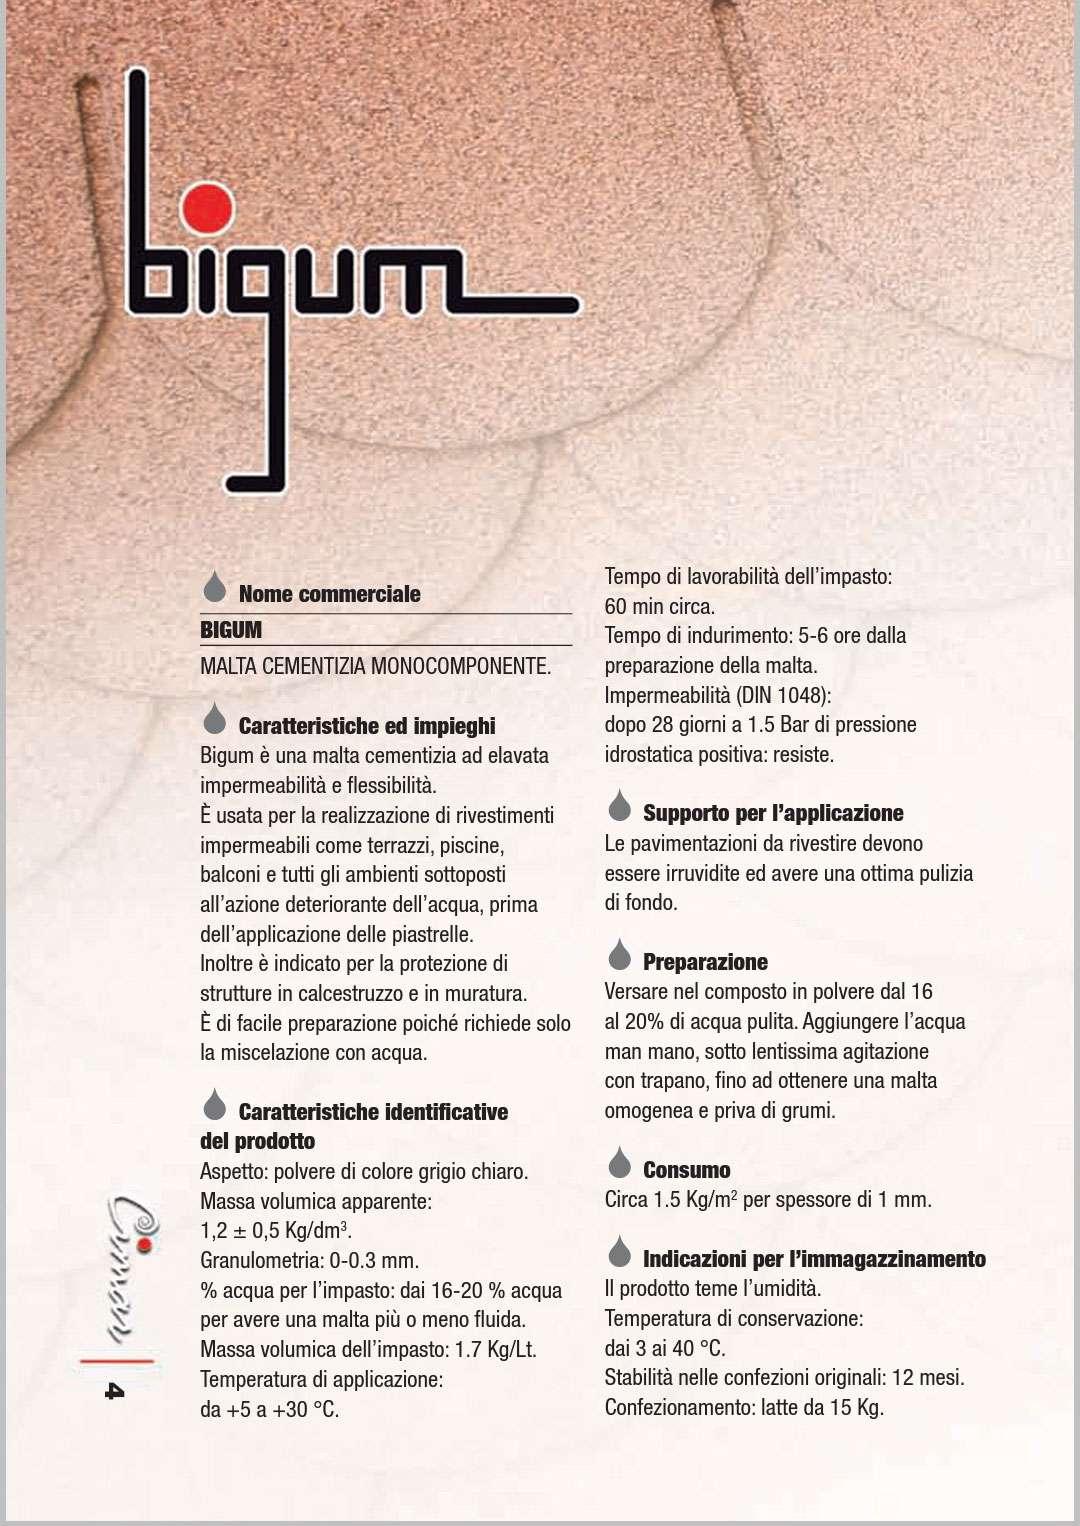 CIM-BIGUM_malta_cementizia